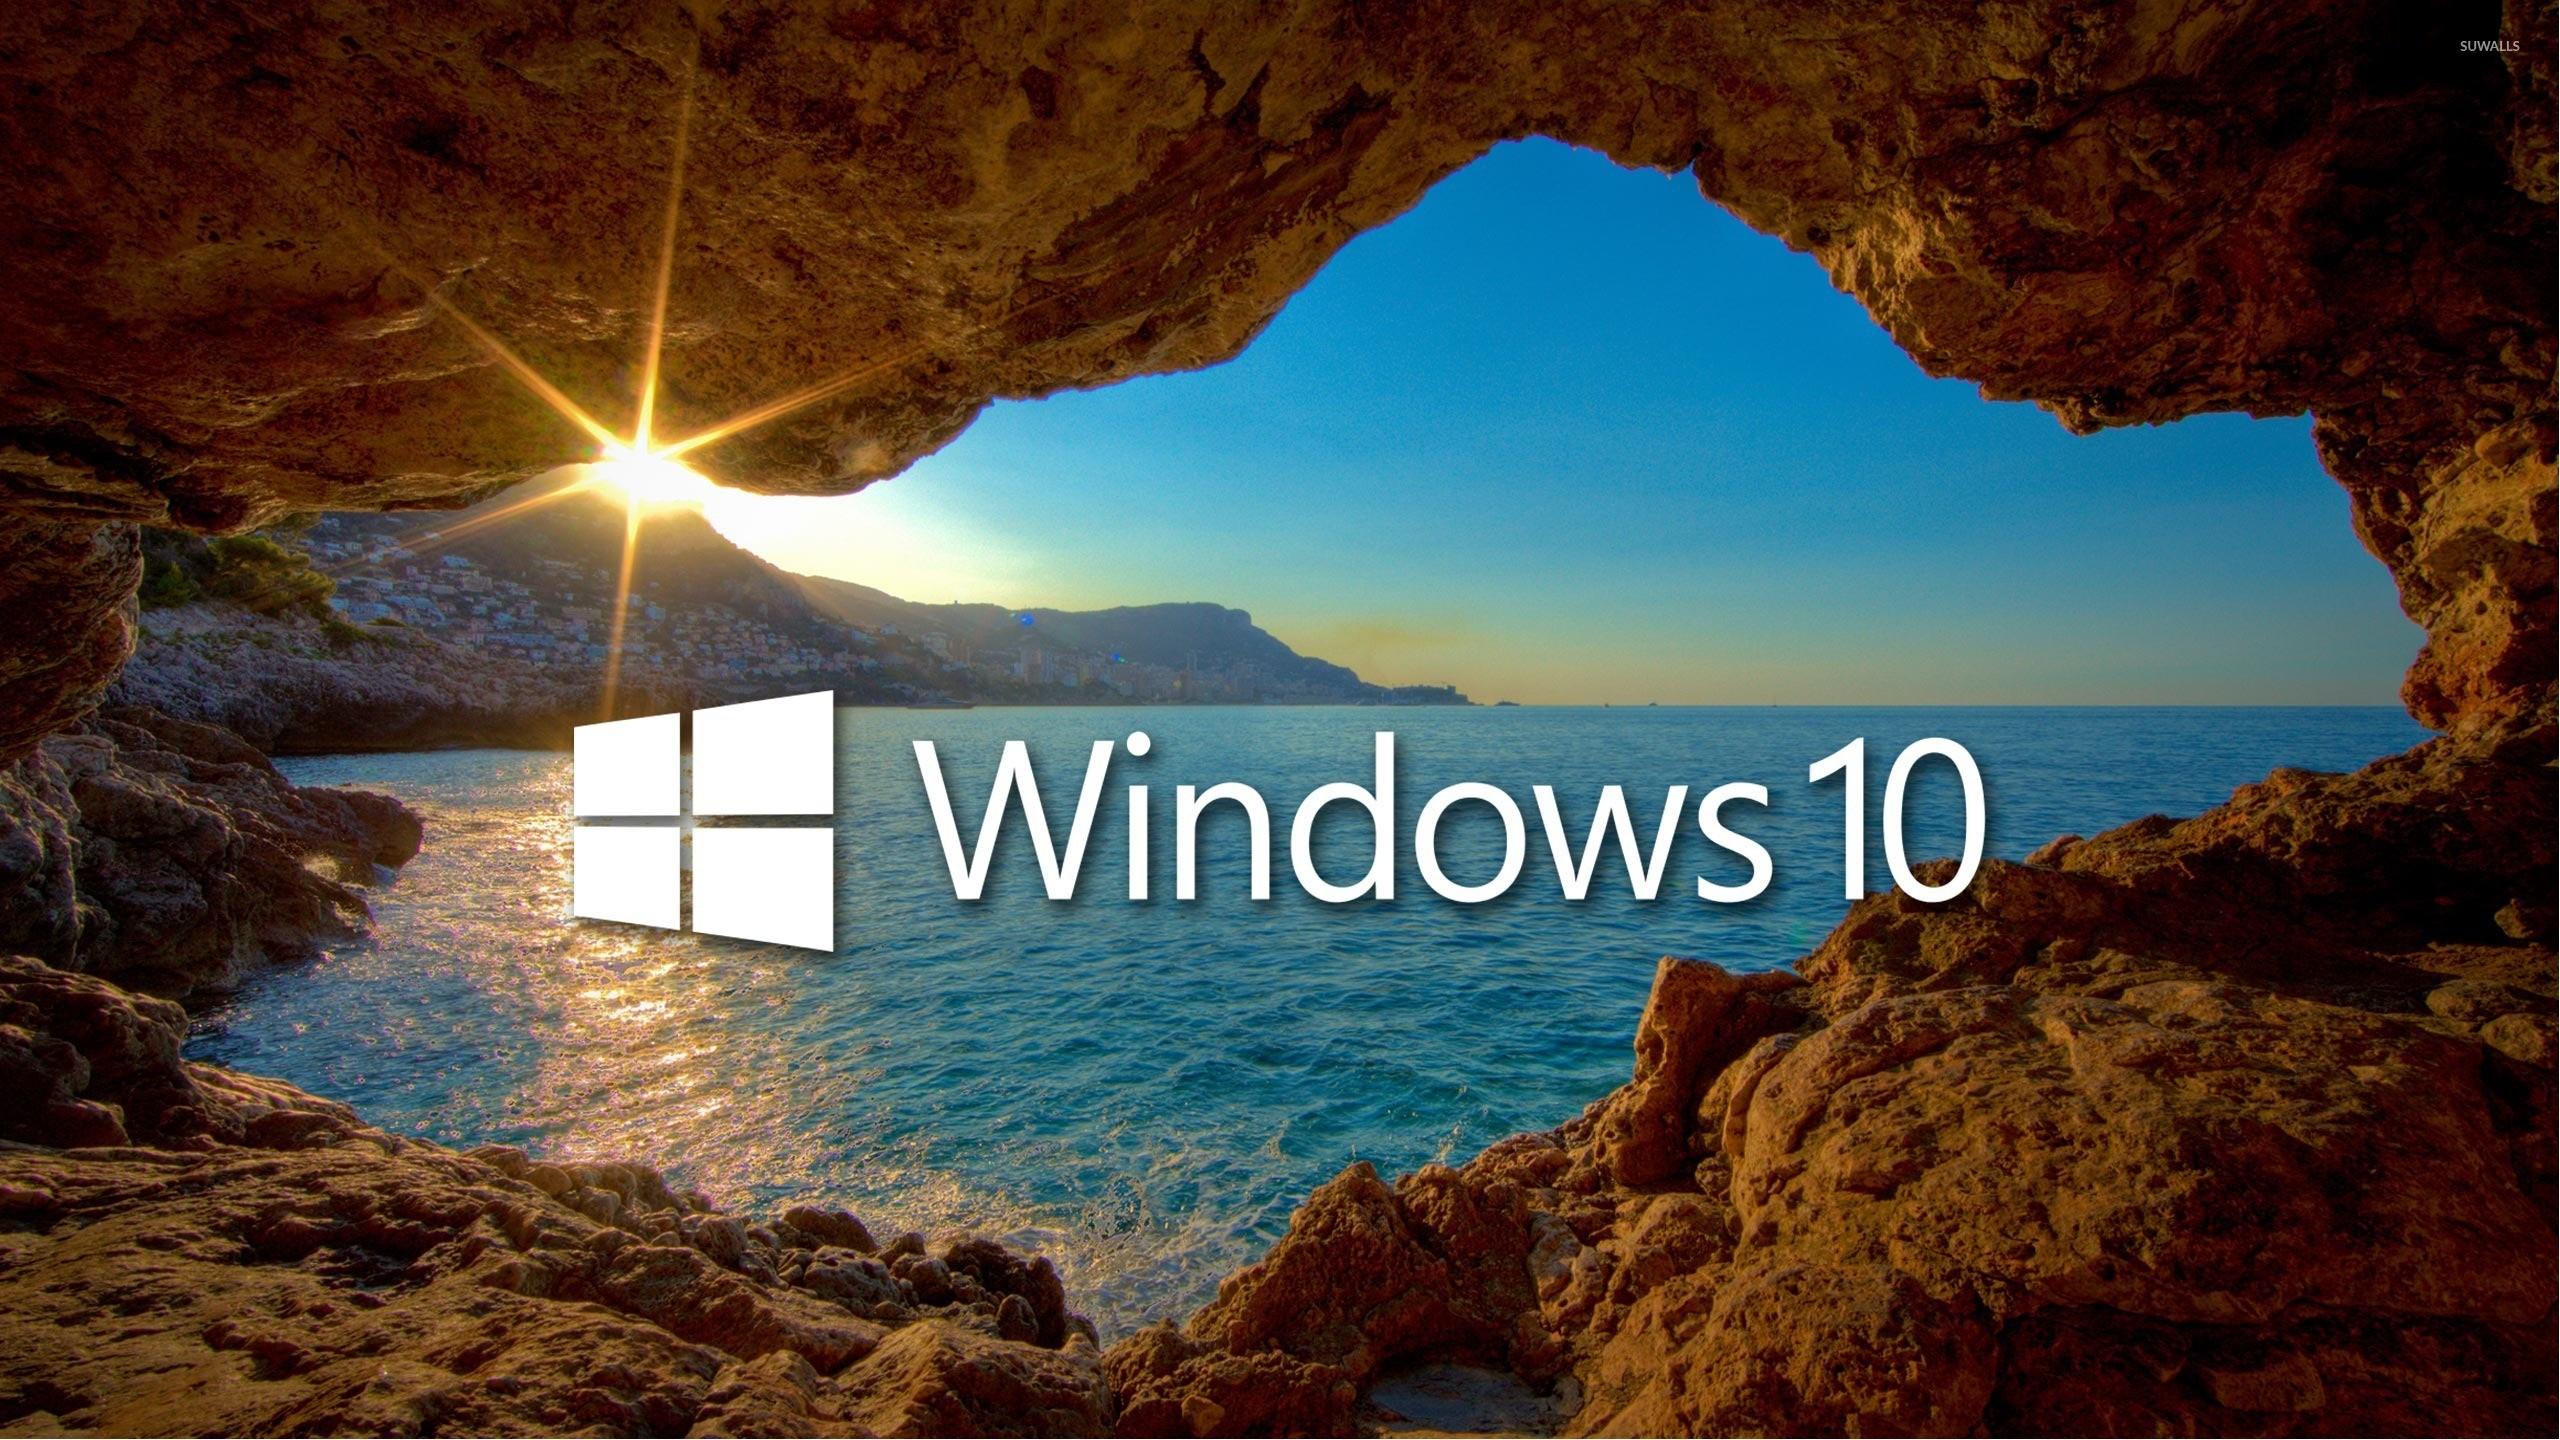 desktop wallpaper hd for windows 10,nature,natural landscape,sky,sea,formation